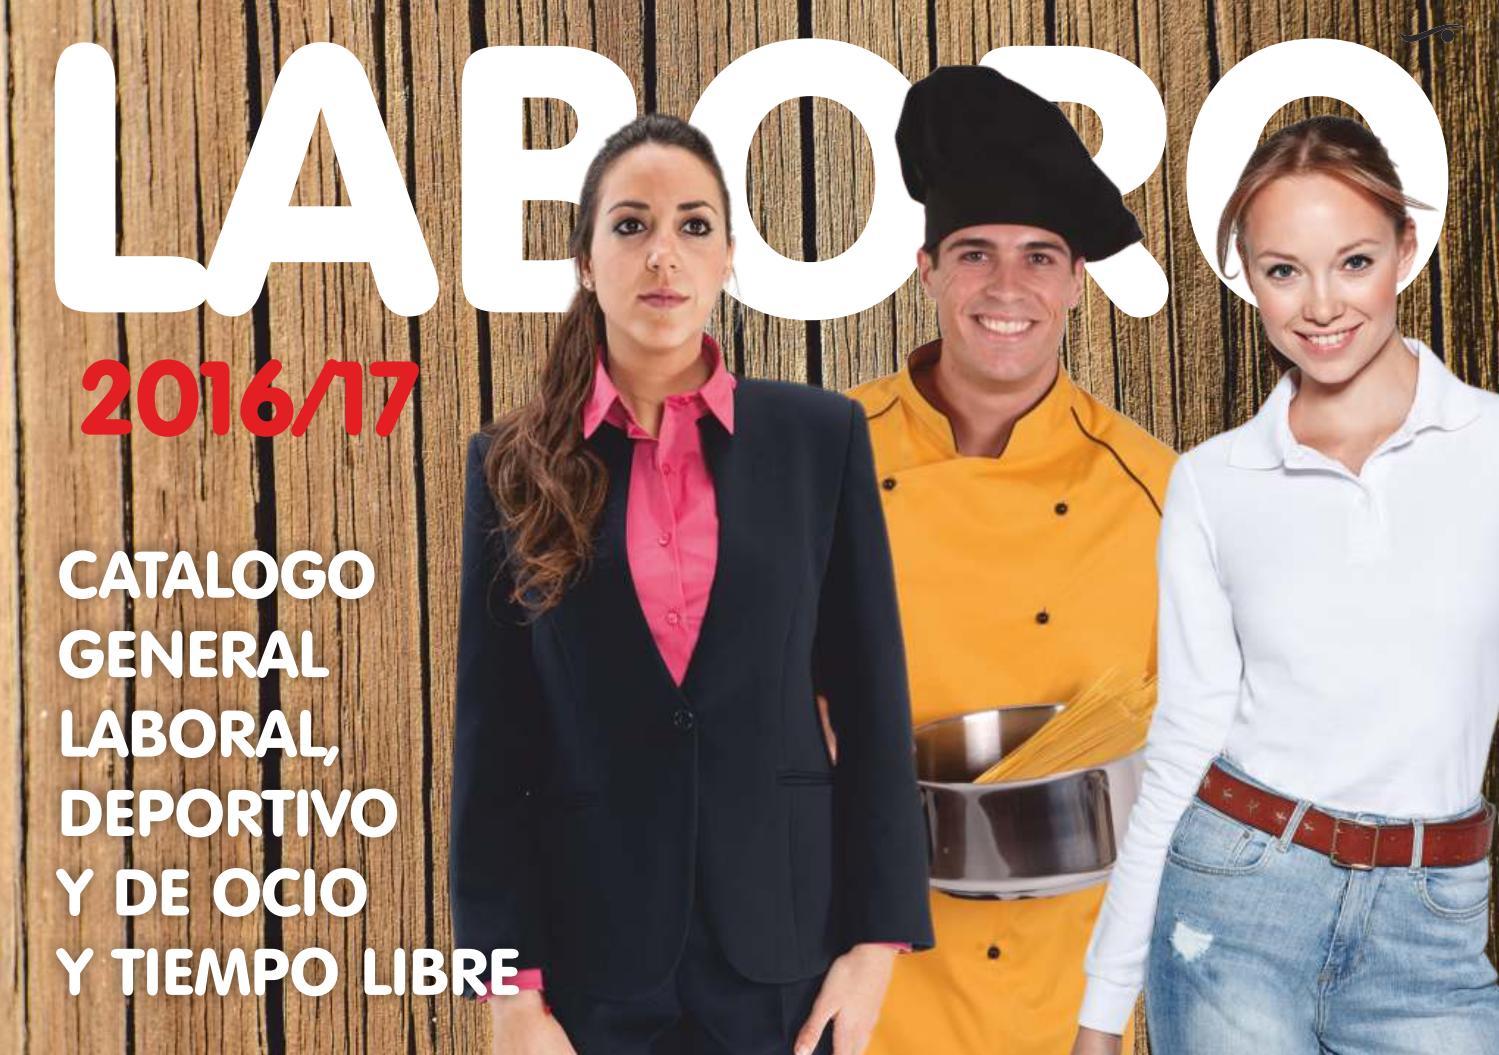 Laboro 2016 - 2017 by AIMFAP - issuu 27e258e9701